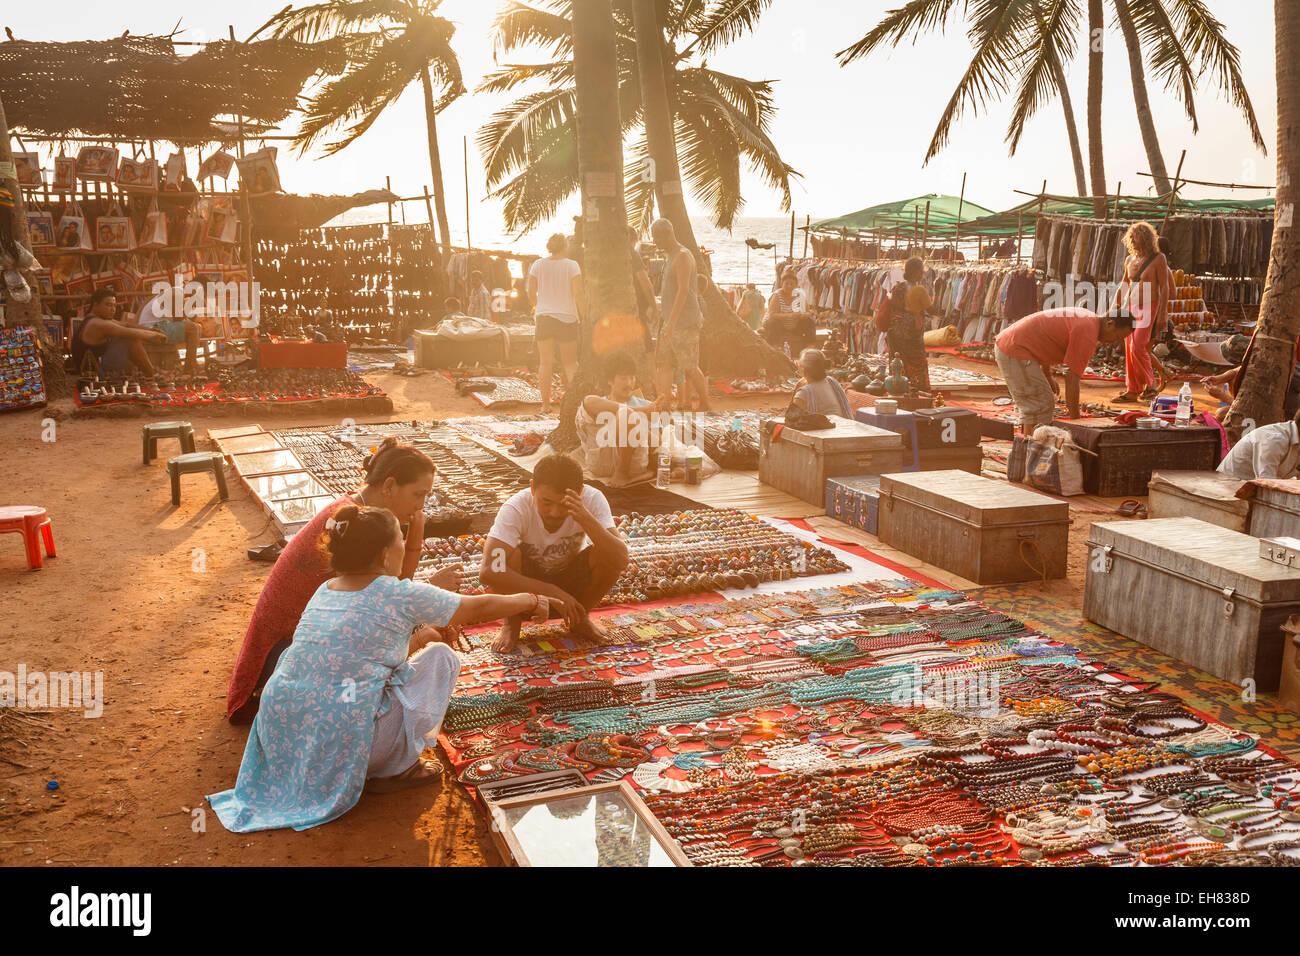 La vente de leur art tibétain au marché aux puces à mercredi, Inde, Asie Photo Stock